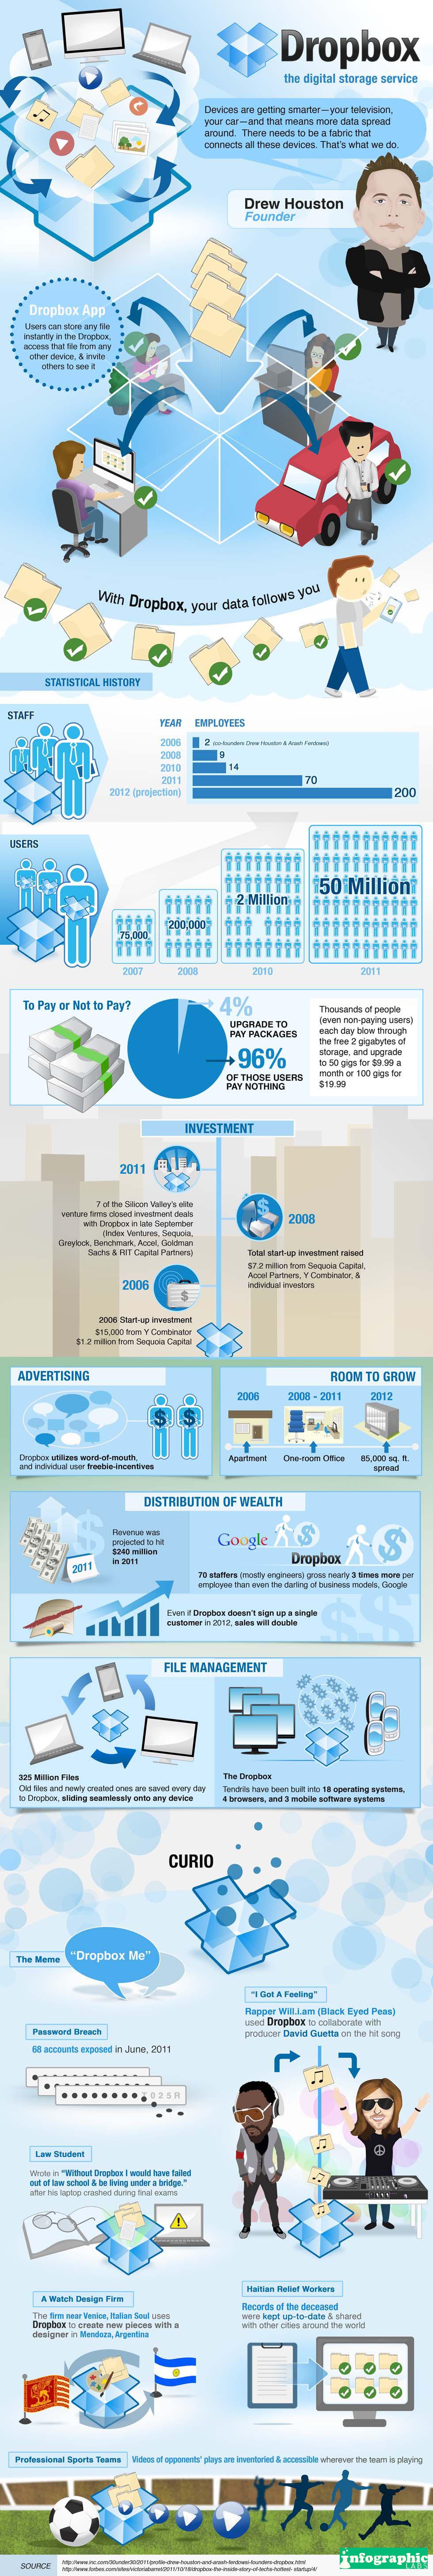 dropbox-rising-leaders-in-cloud-storage